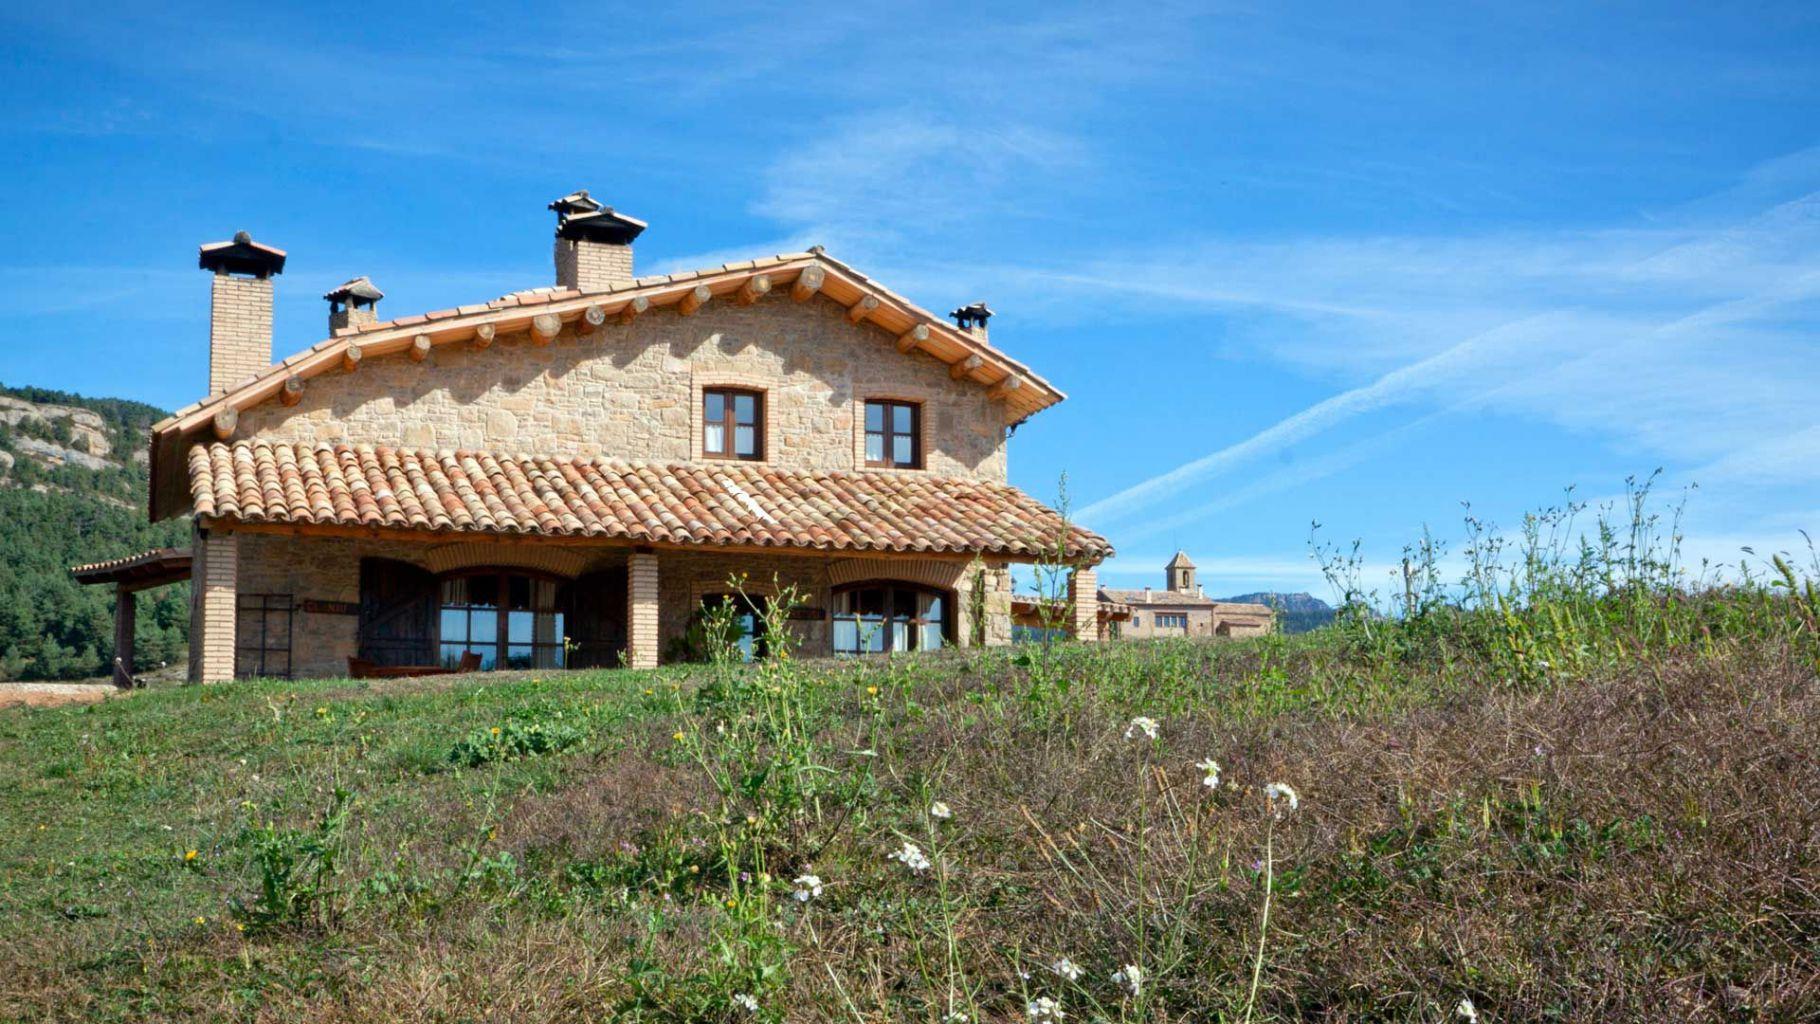 Casas rurales de lujo en espaa best esta with casas rurales de lujo en espaa casa rural - Casa rural luces y sombras ...